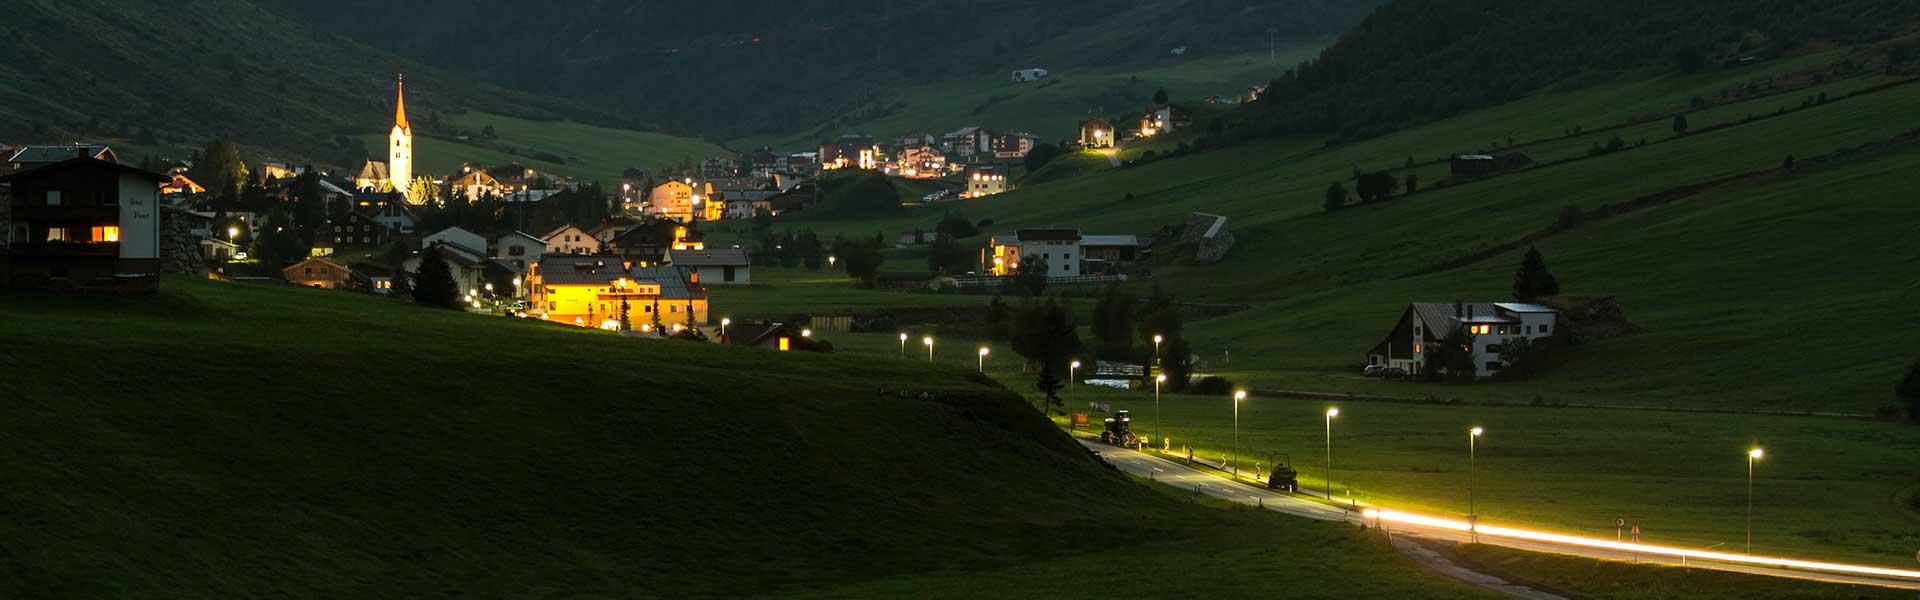 Nachtaufnahme Ischgl